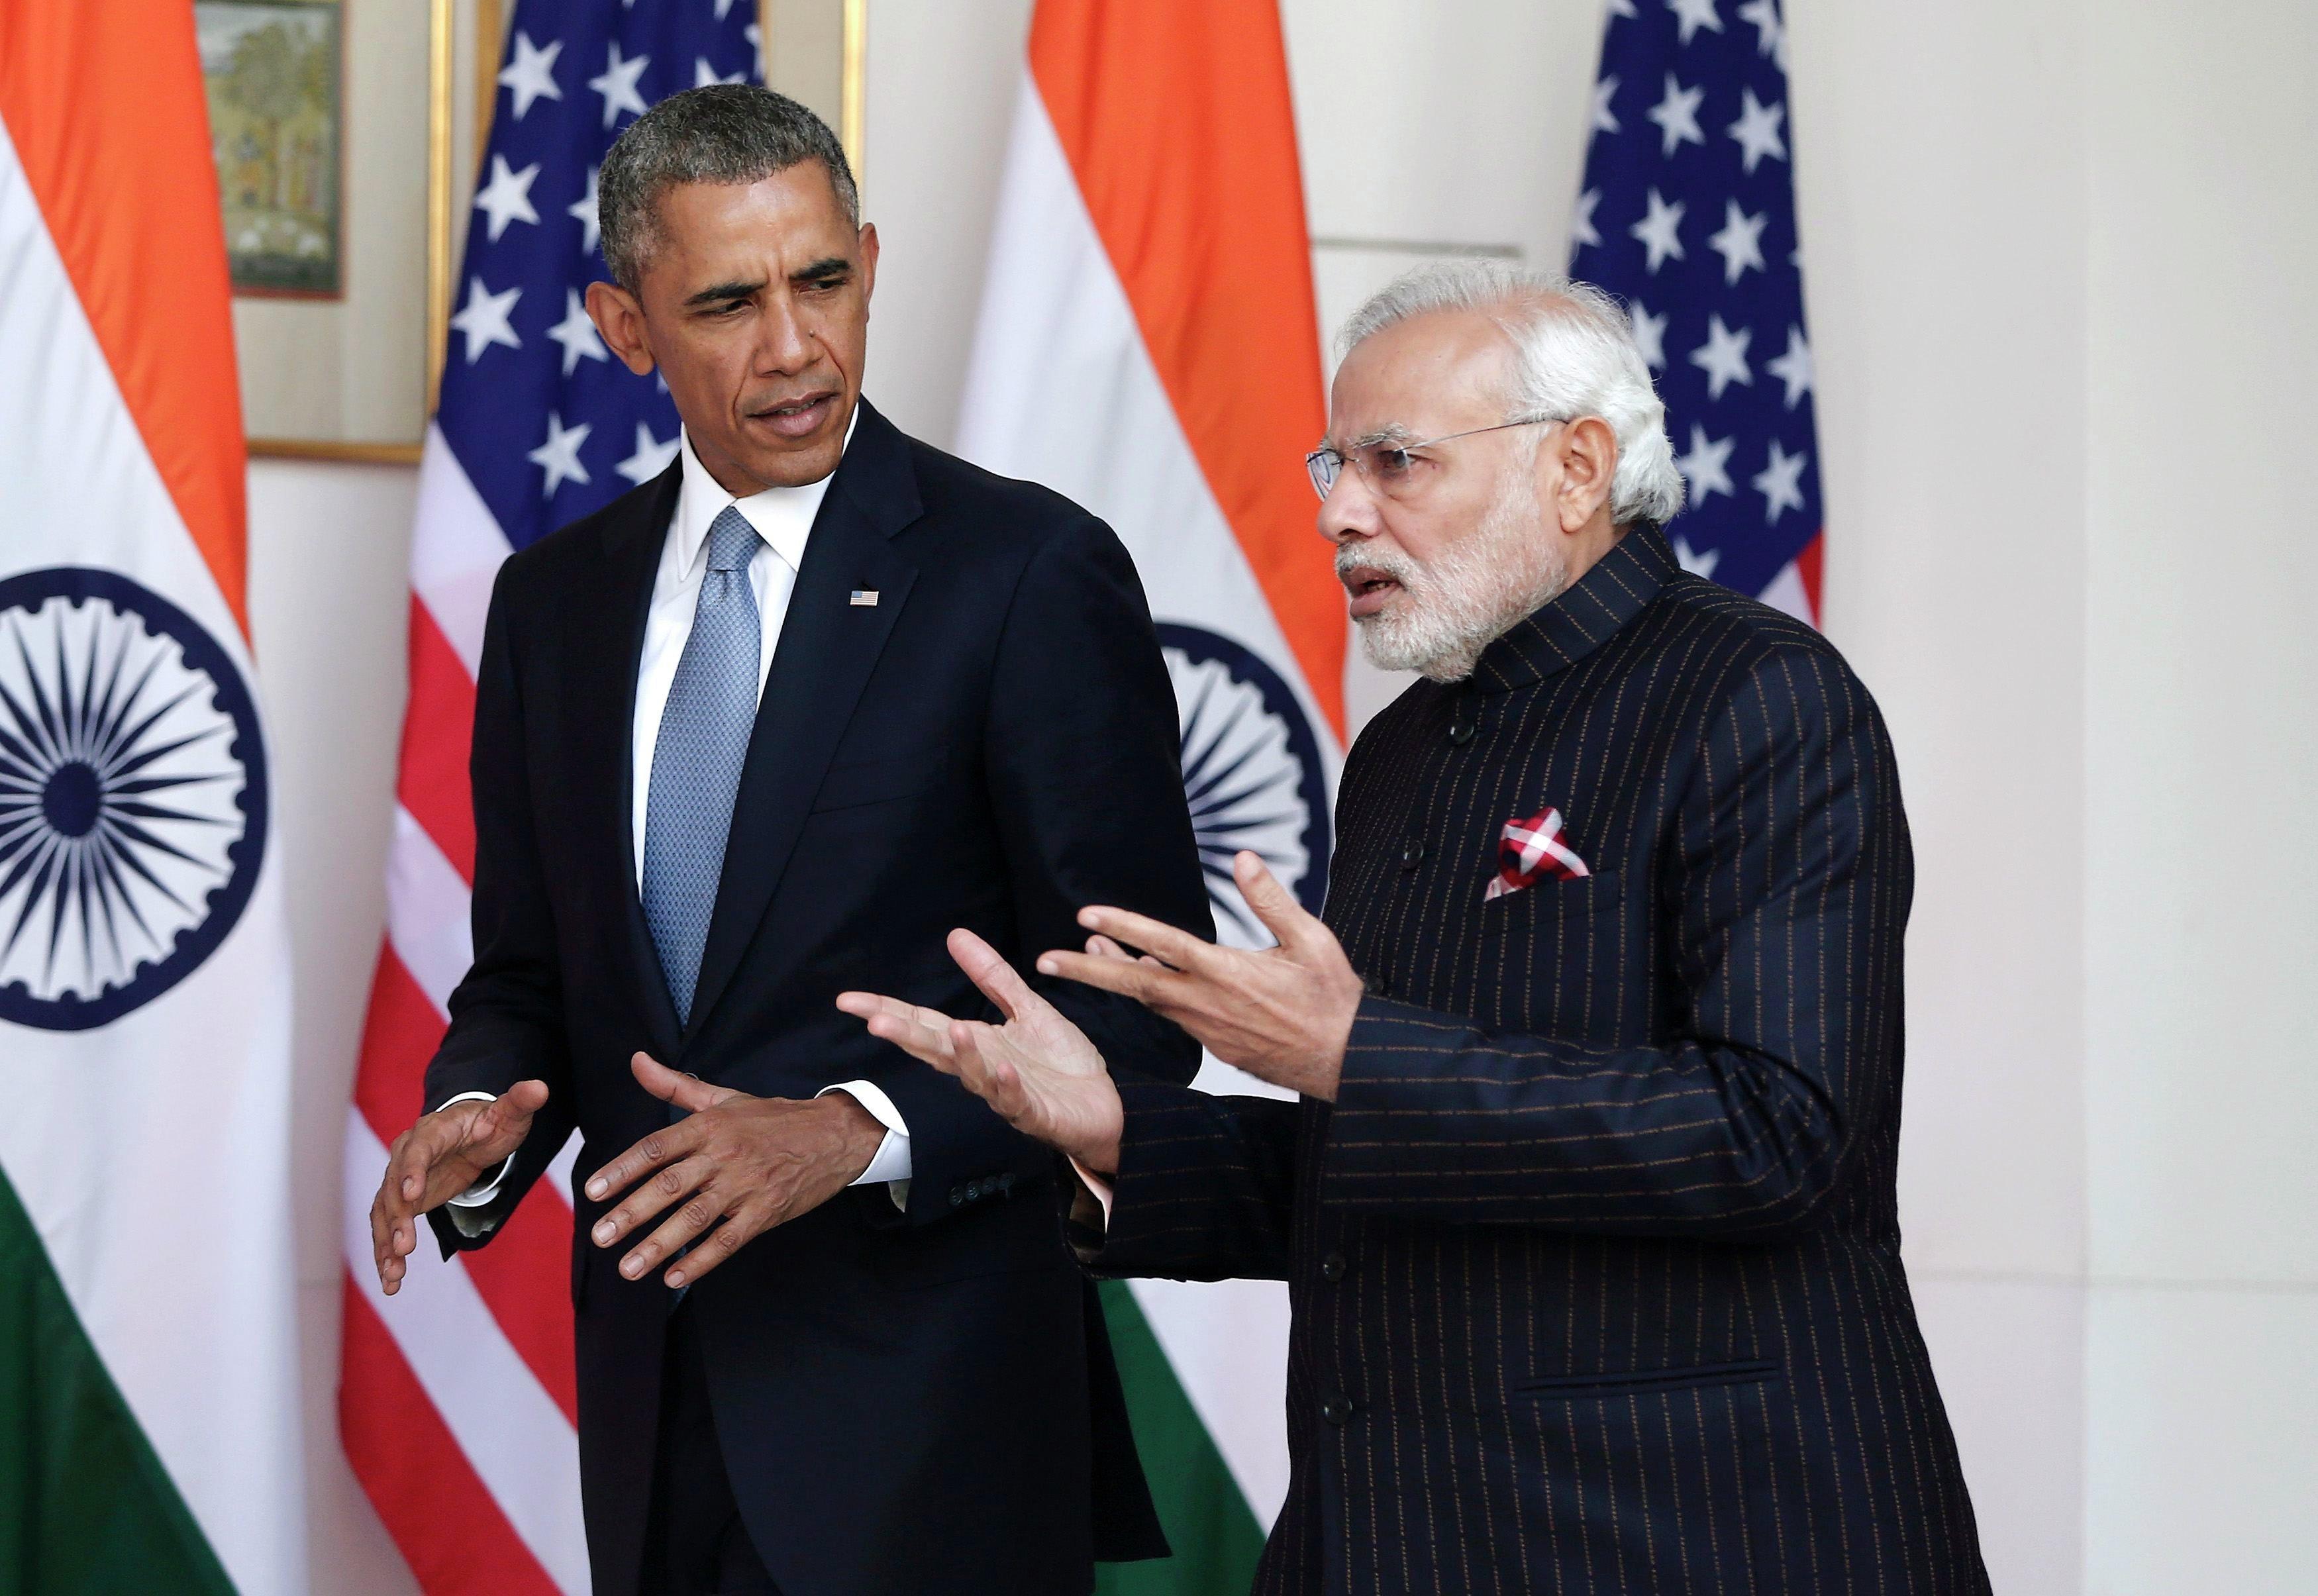 Barack Obama, presidente de EEUU, y Narendra Modi, primer ministro de la India